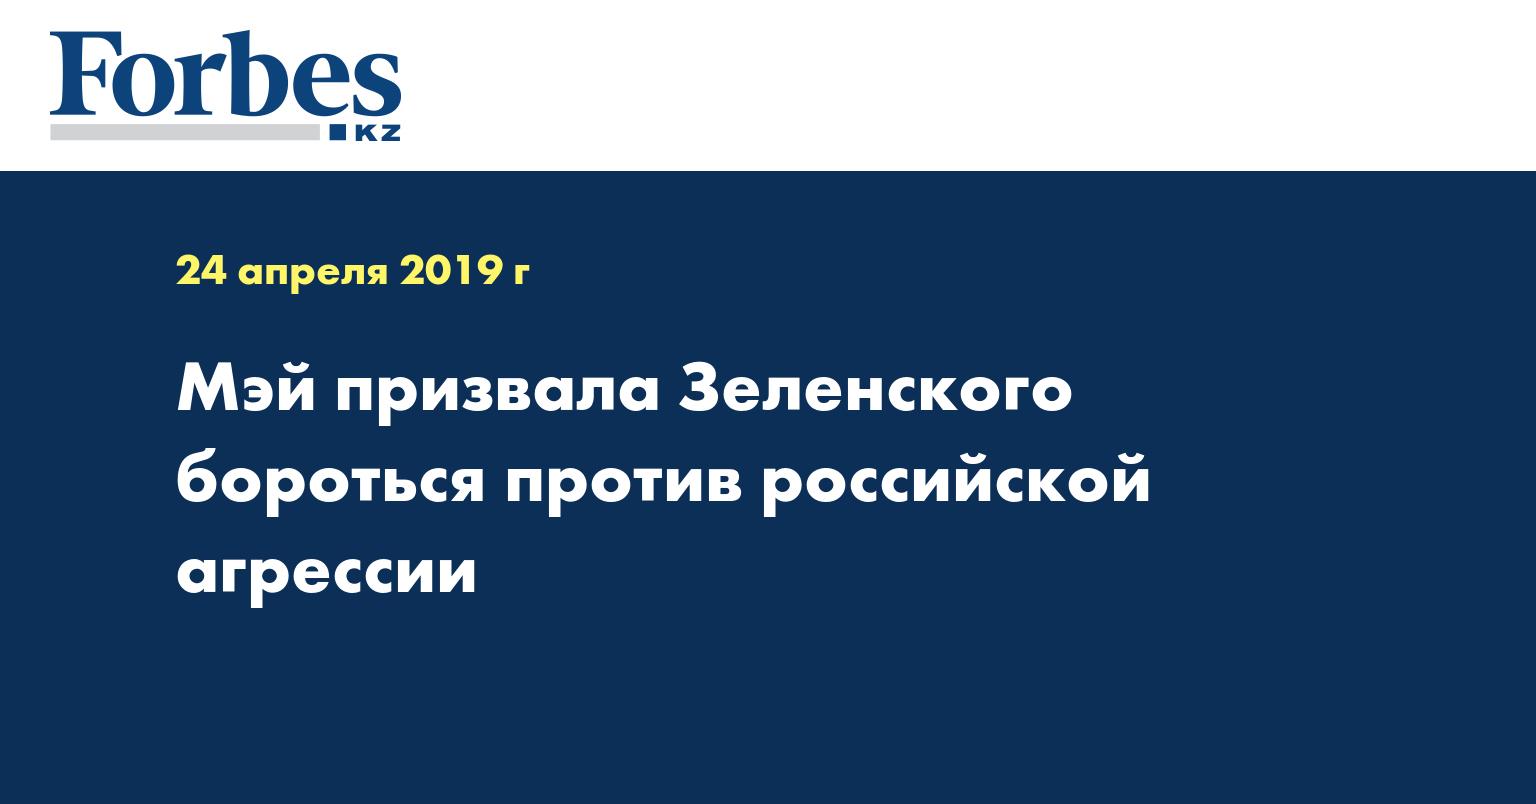 Мэй призвала Зеленского бороться против российской агрессии